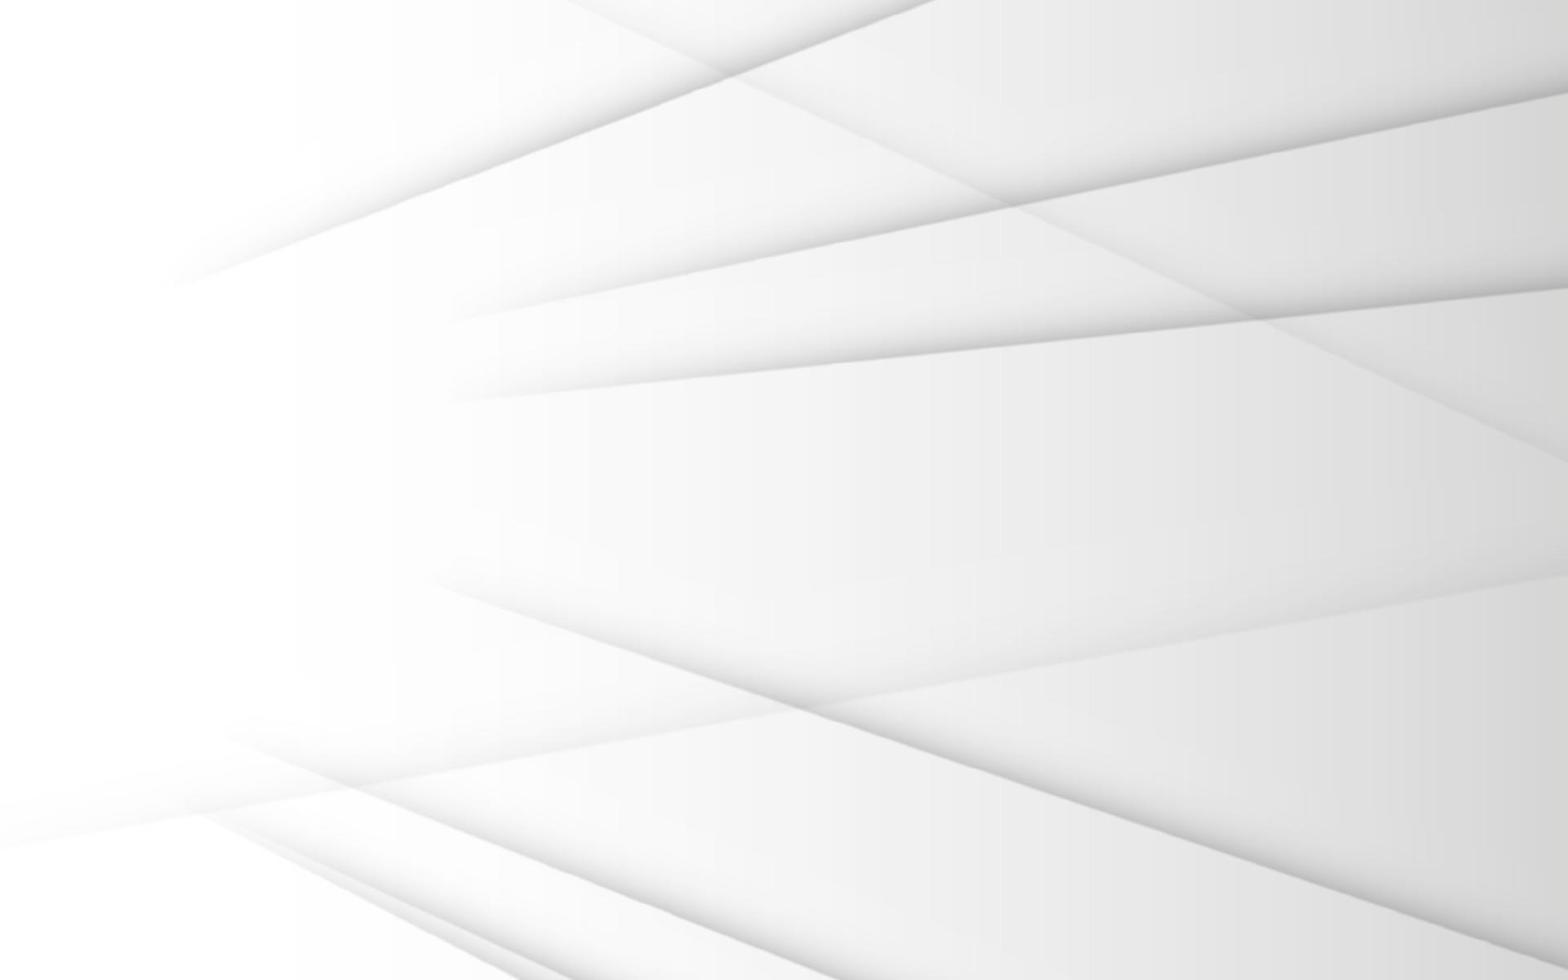 abstracte geometrische witte en grijze kleurenachtergrond vector